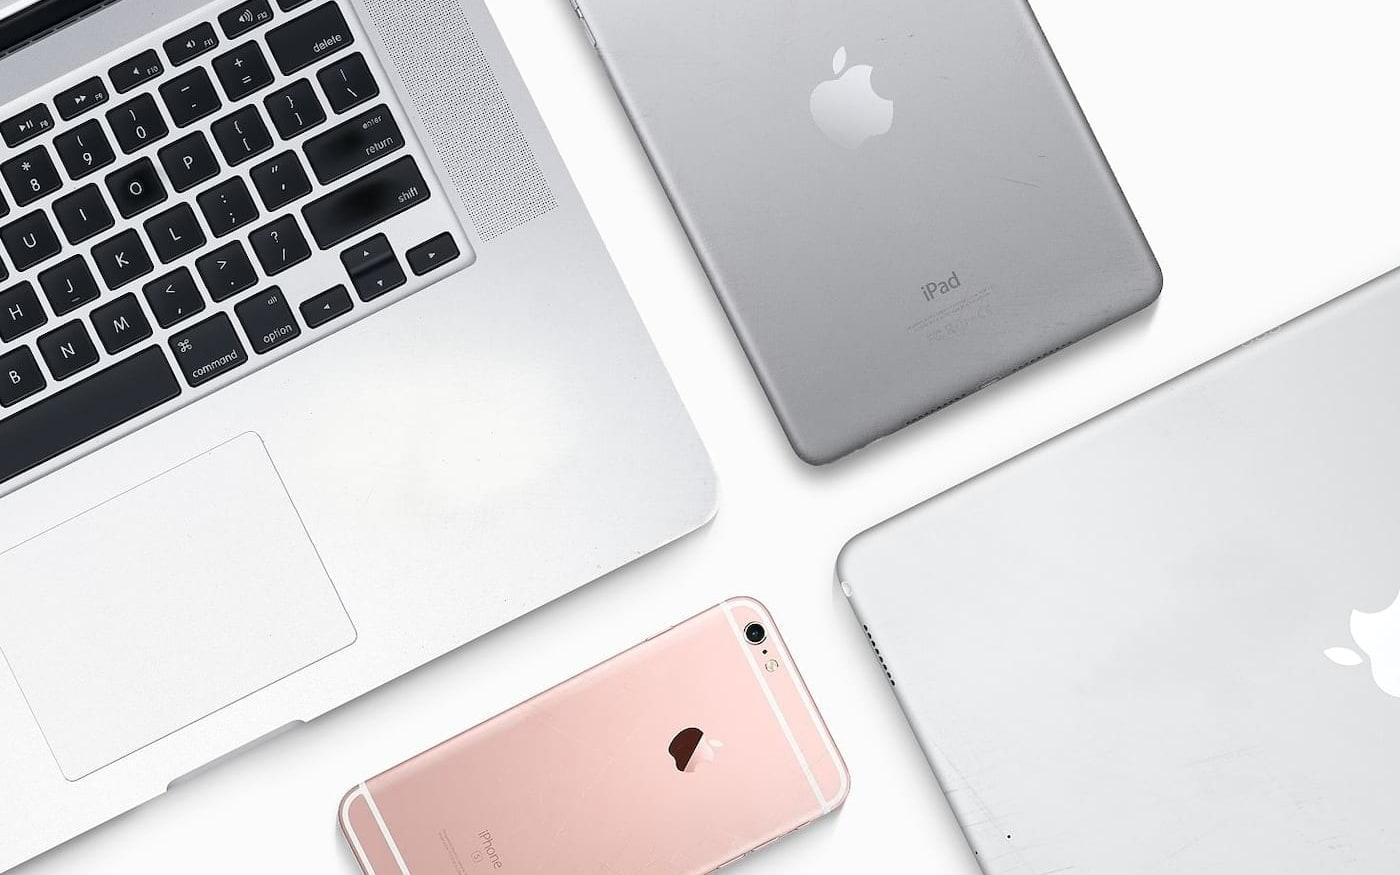 Apple não deve aumentar preços de produtos devido a nova tarifa imposta à China pelos EUA, diz analista